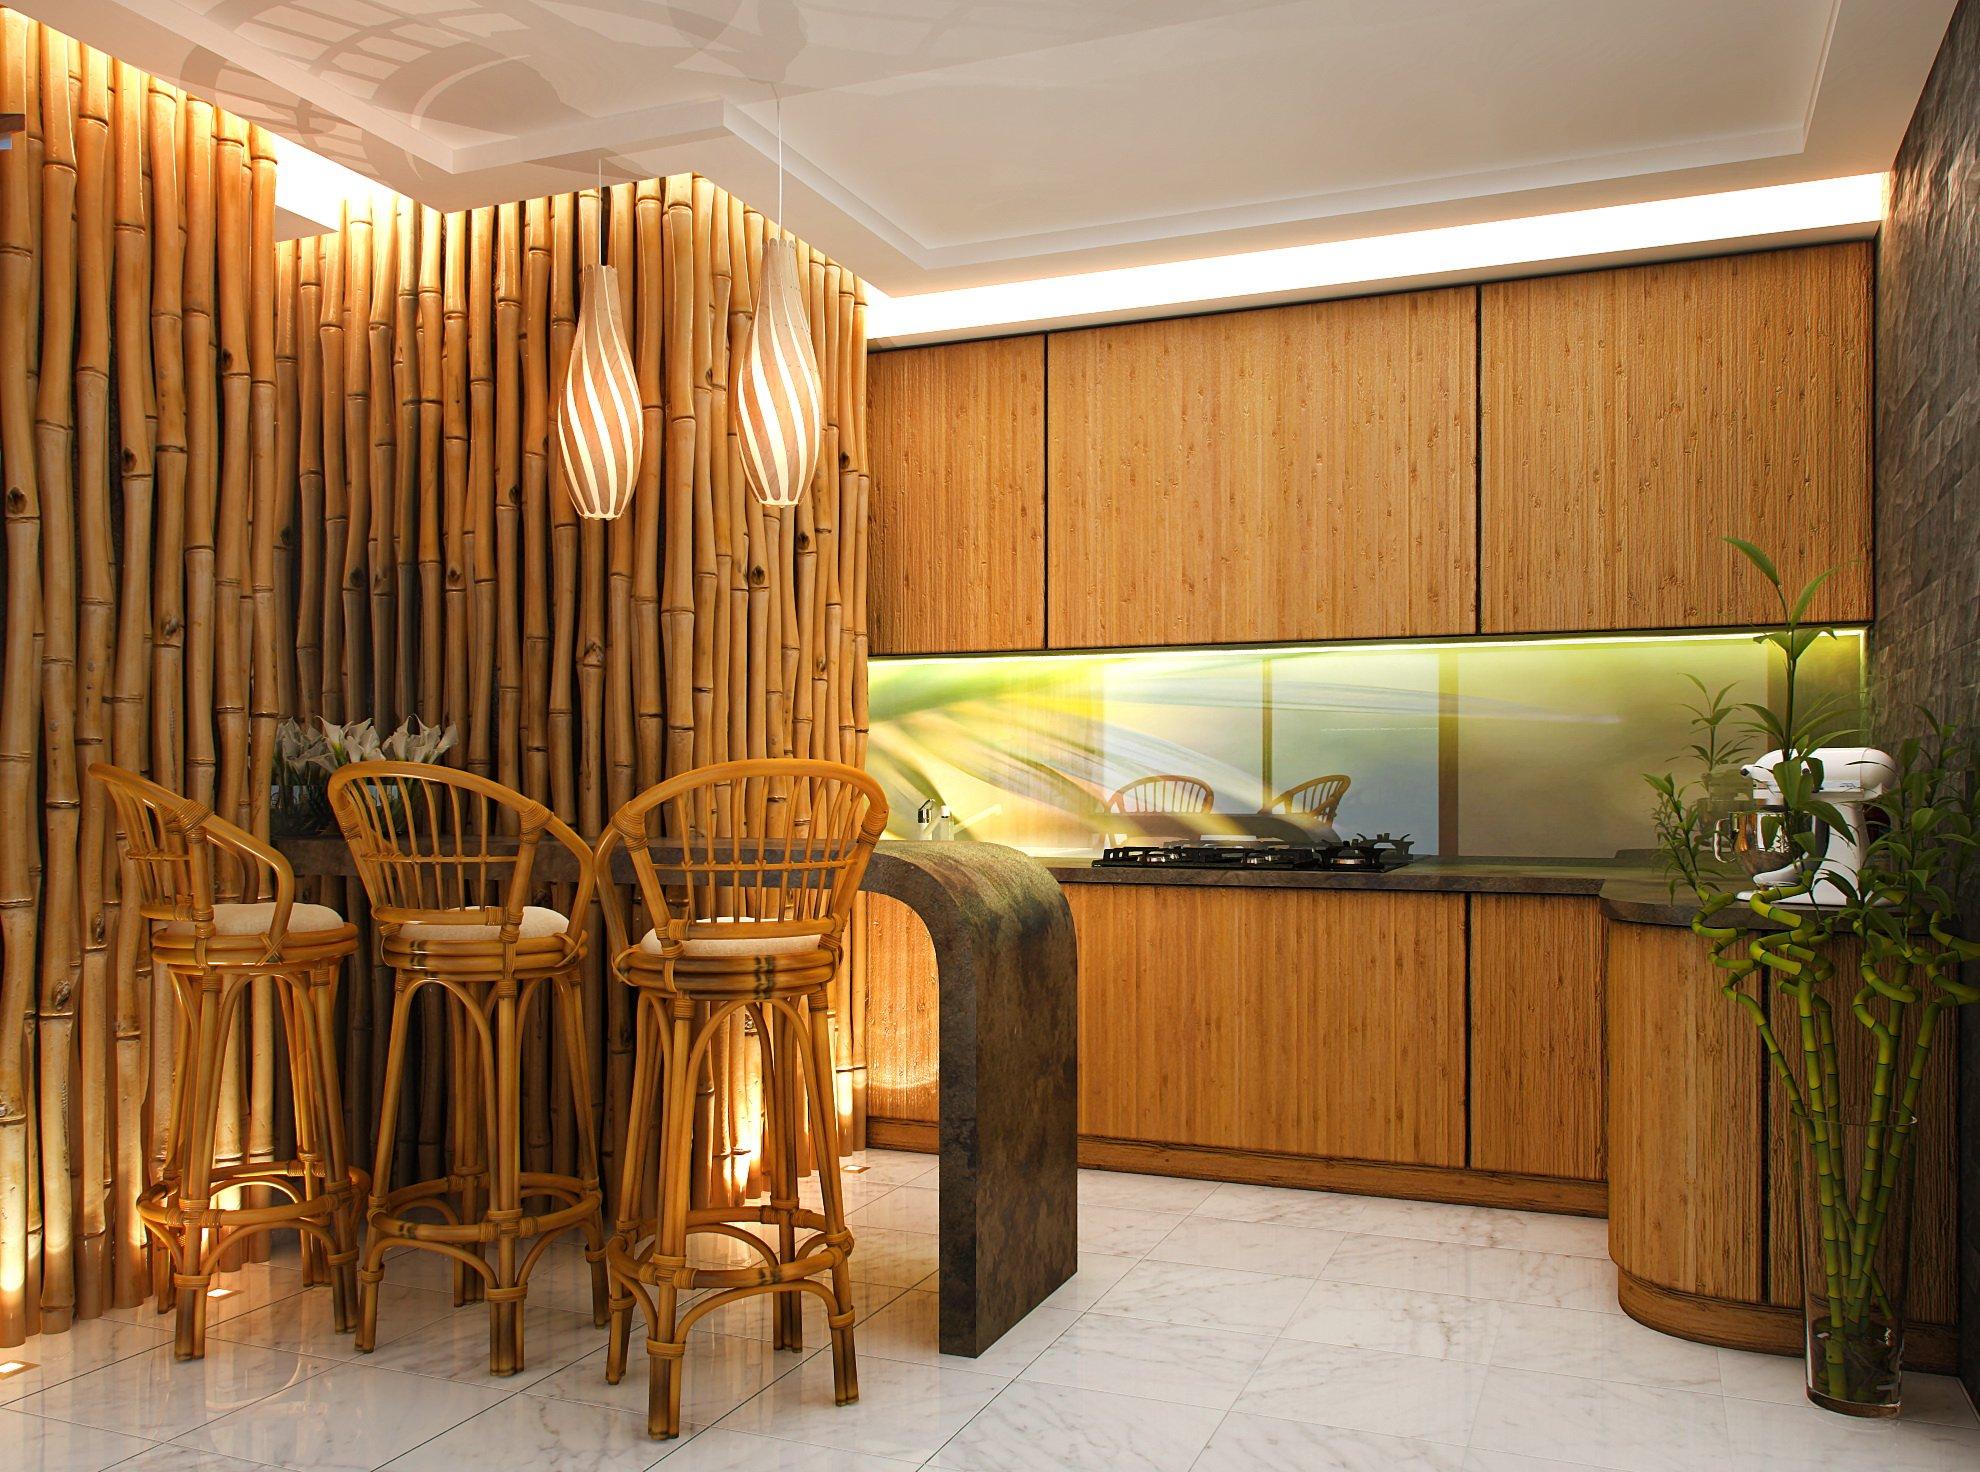 говорить обои бамбук в интерьере фото есть настроение